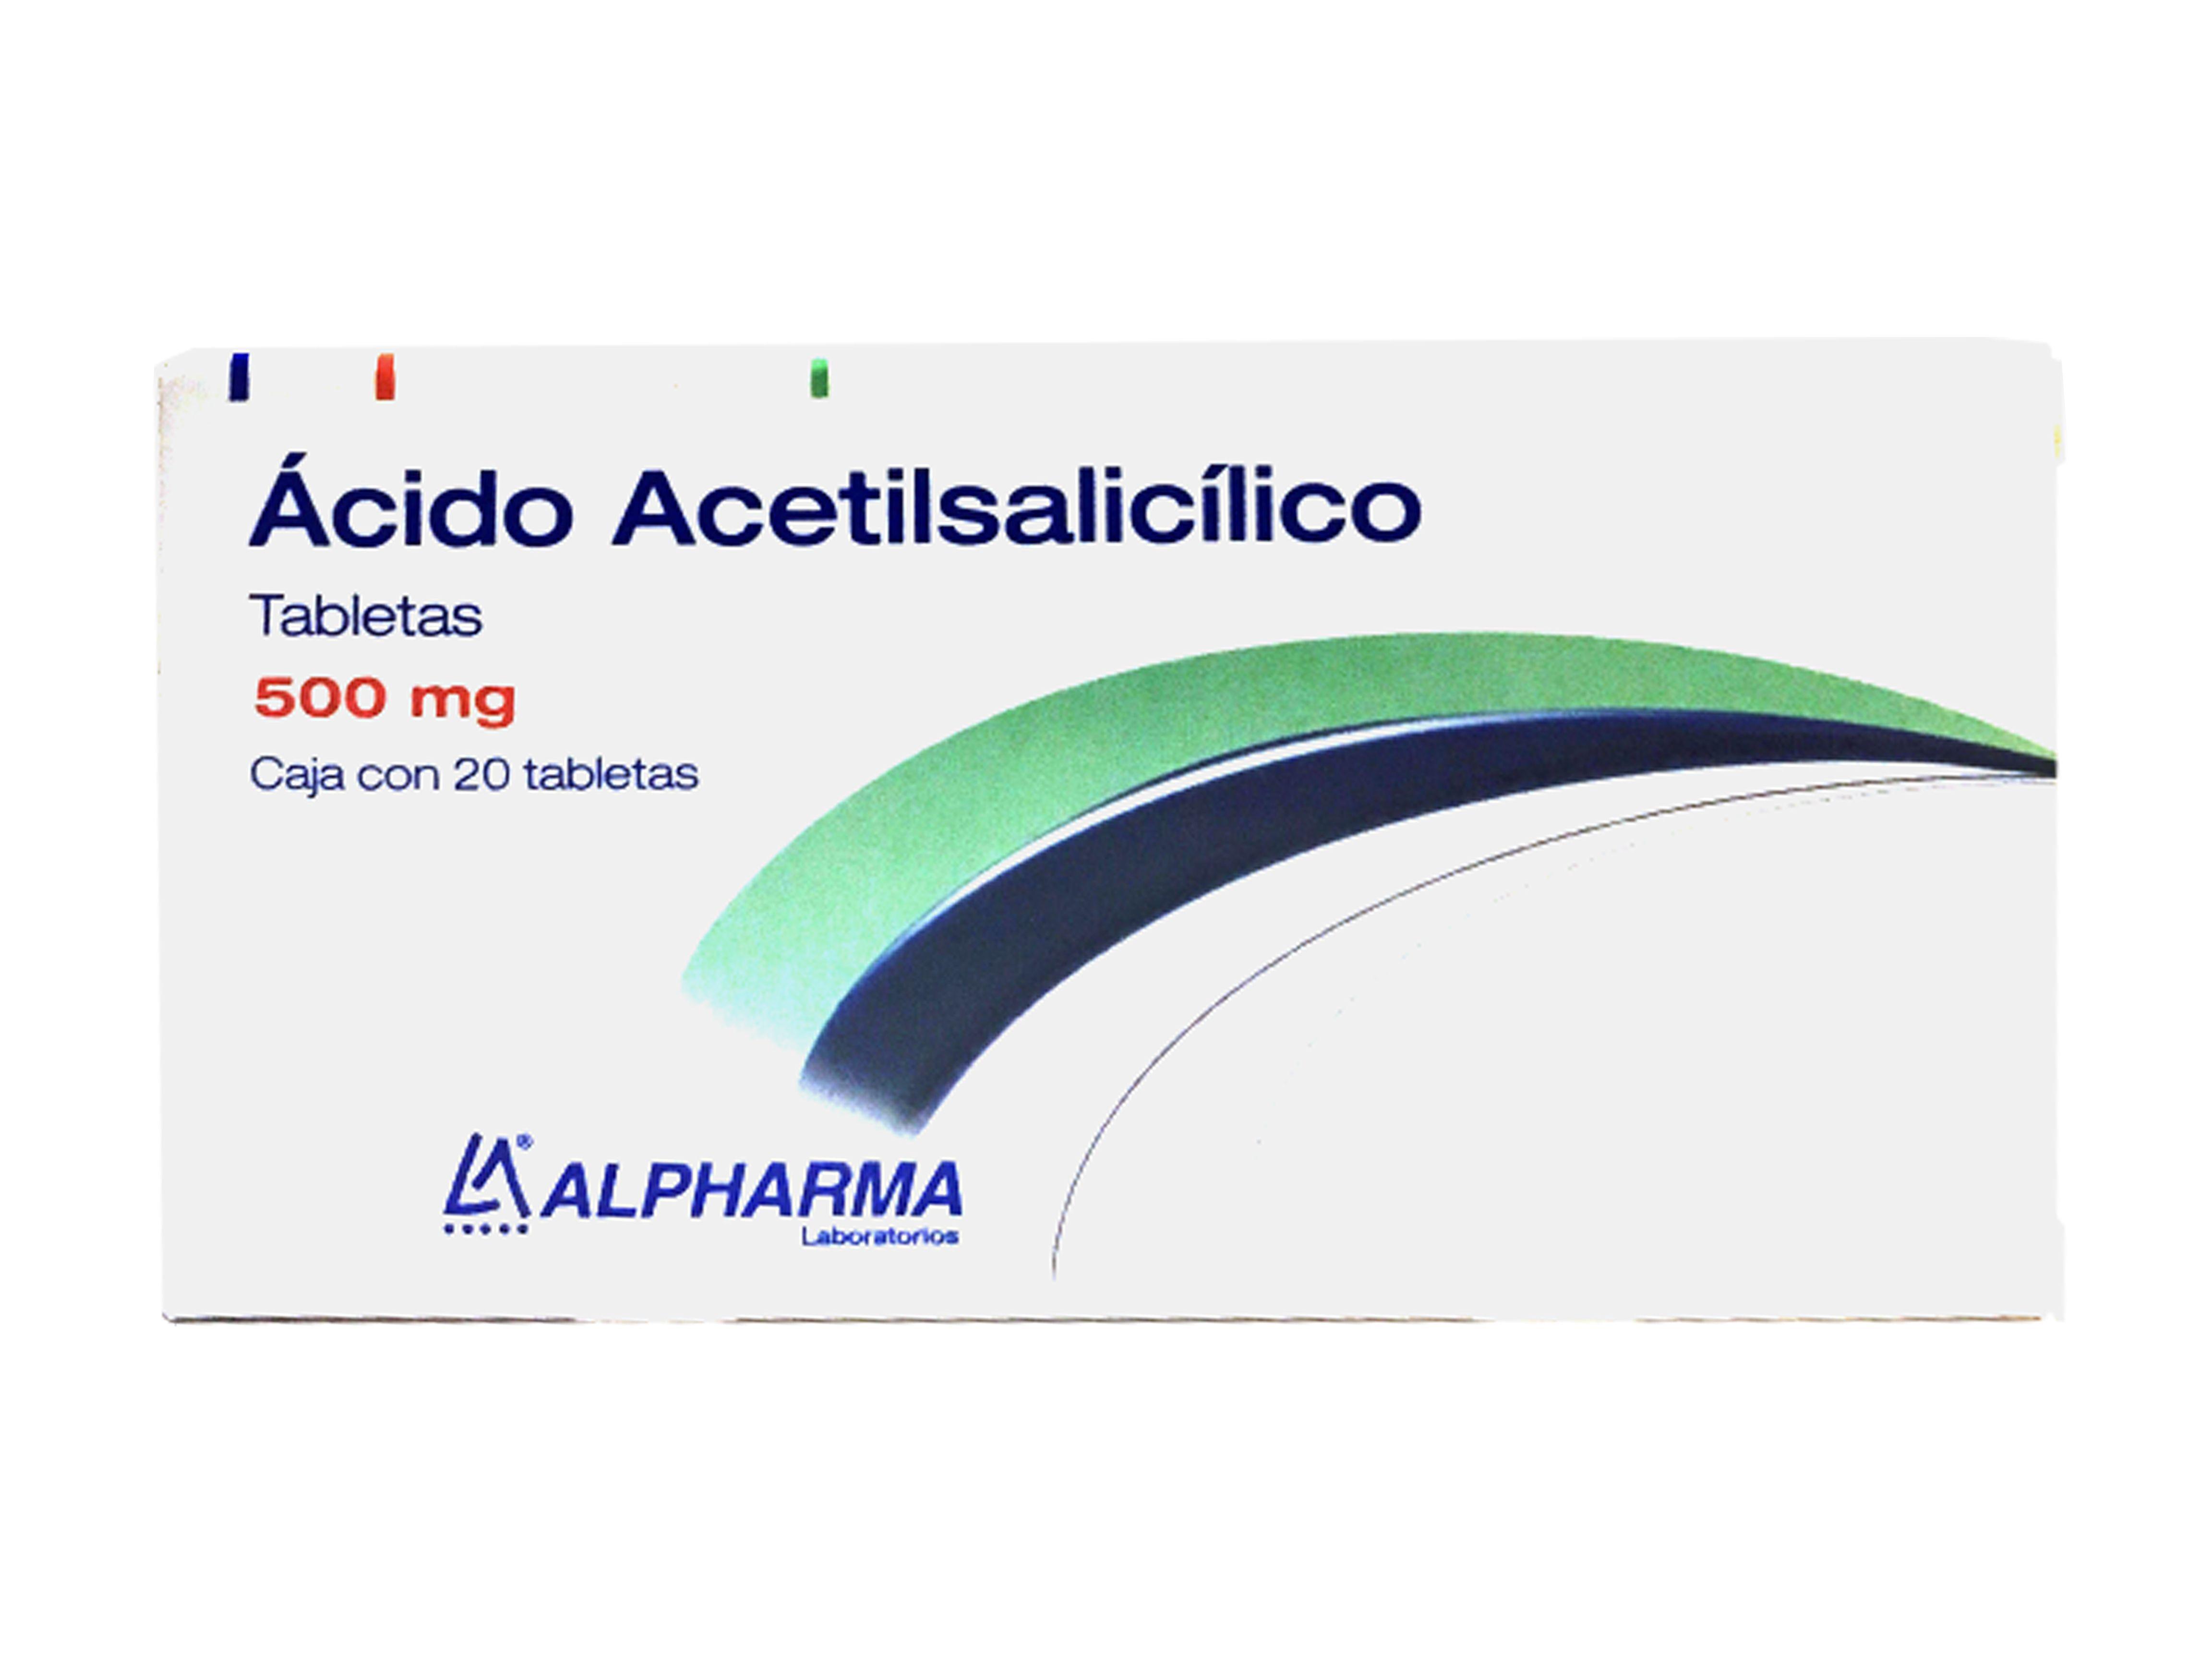 Comprar Ácido Acetilsalicilico 500 Mg